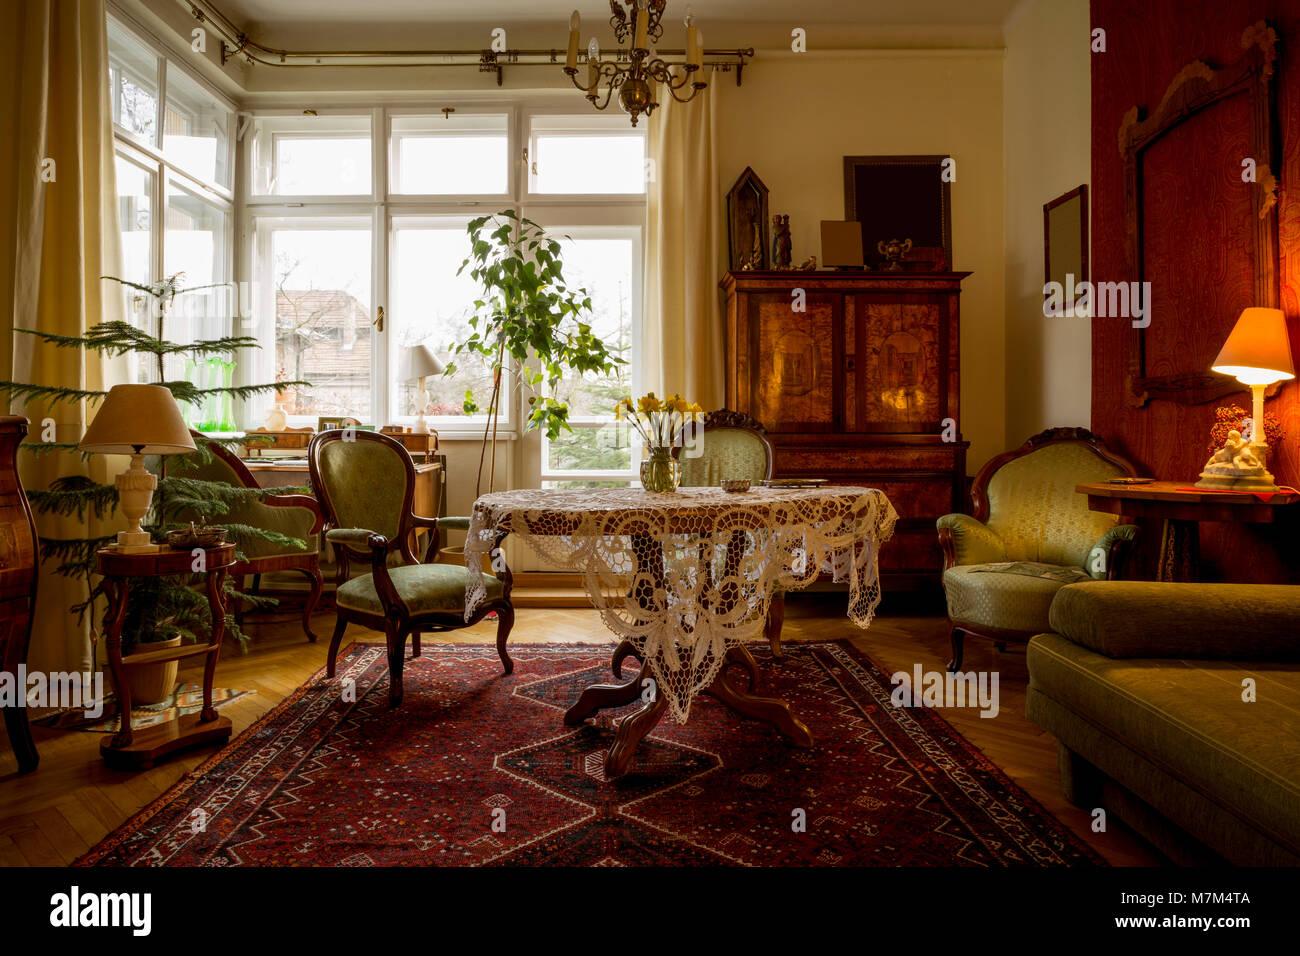 Antique Furniture Stock Photos Antique Furniture Stock Images